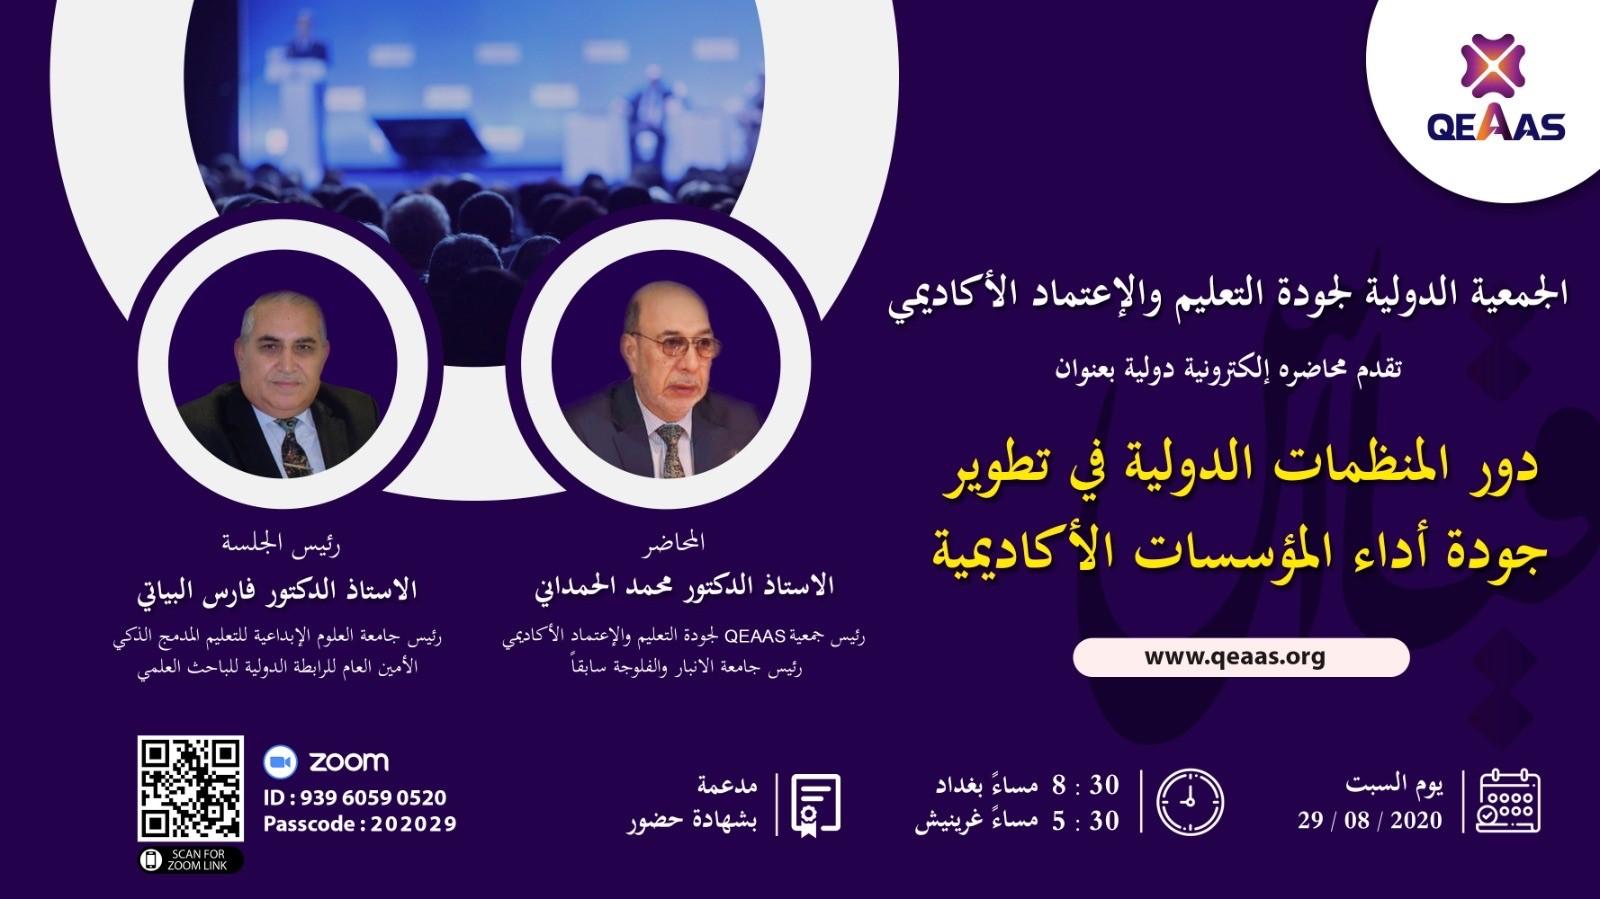 دعوة حضور محاضرة عامة